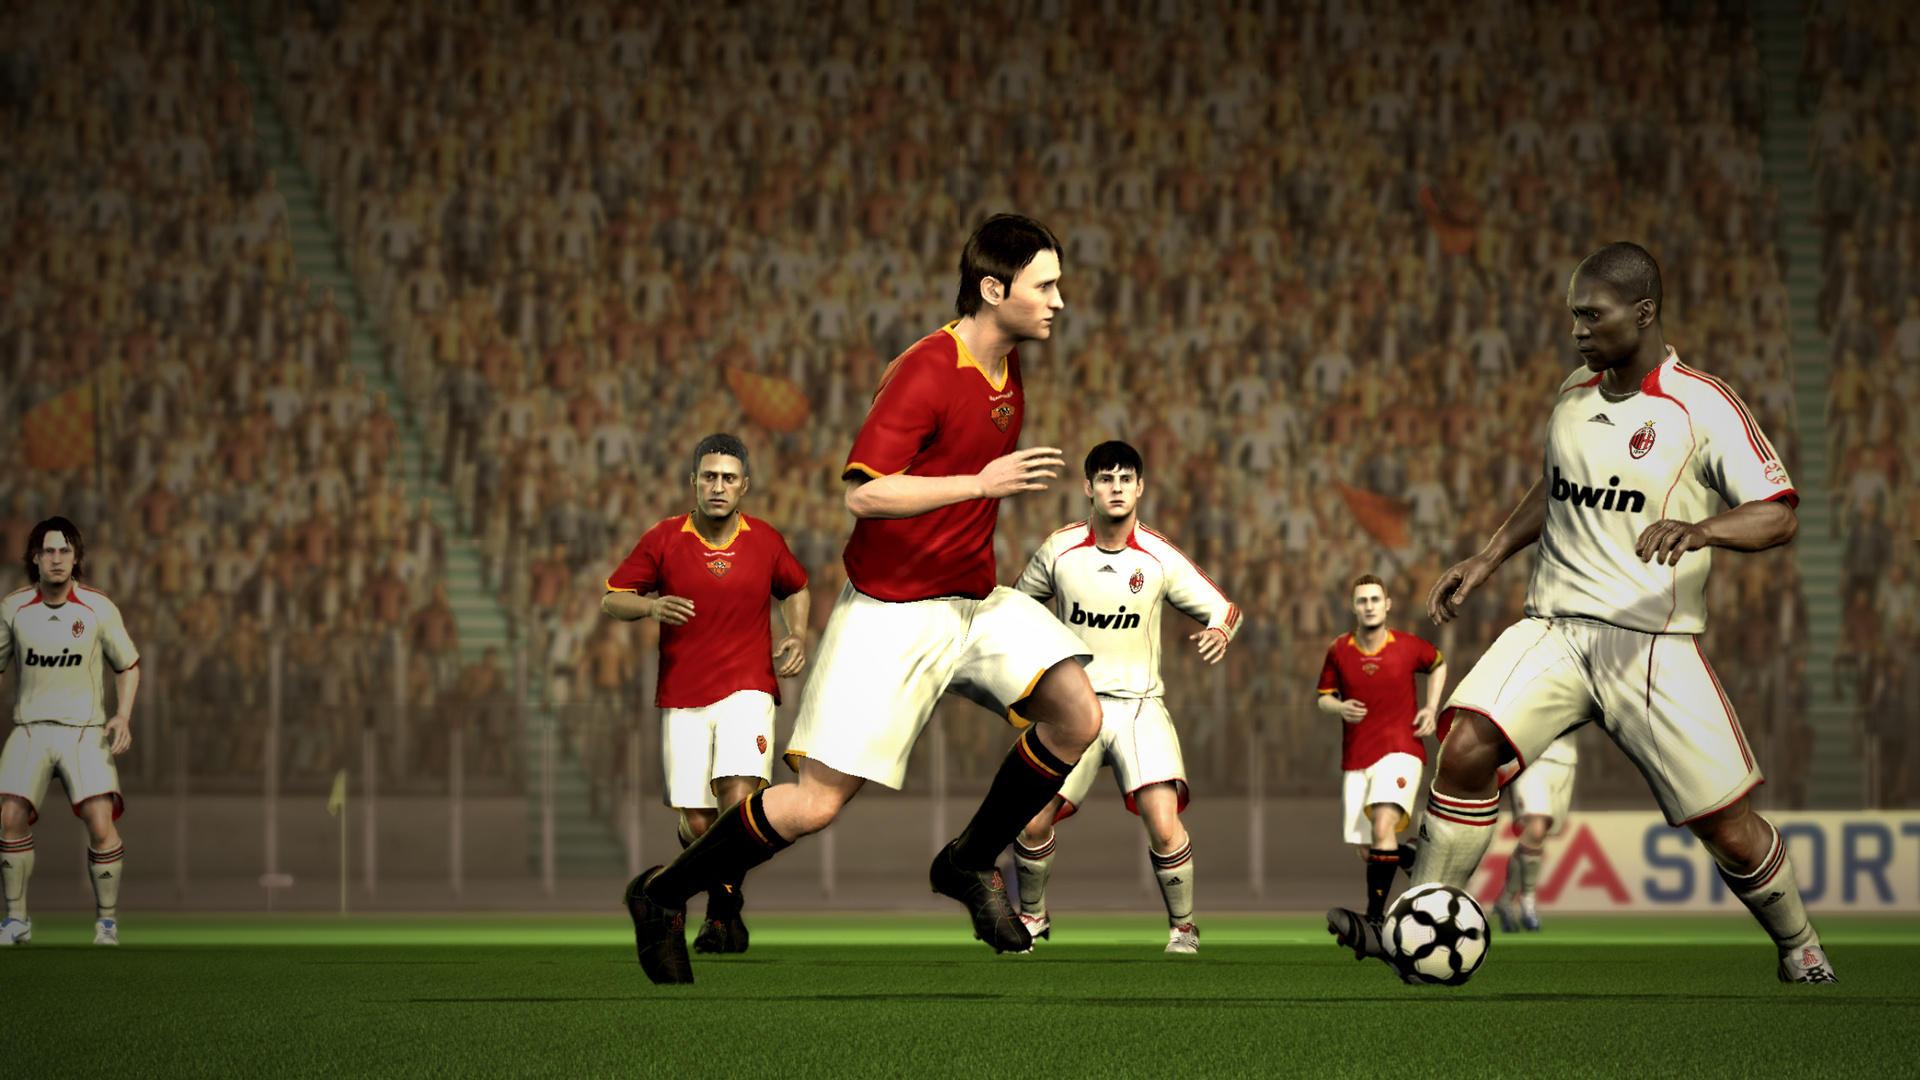 FIFA 07 (2006) (Xbox 360, PS2, Xbox, GameCube, PC, PSP, DS, GBA e plataformas móveis) | Capa: Wayne Rooney e Ronaldinho | Narração e comentários: Martin Tyler e Andy Gray